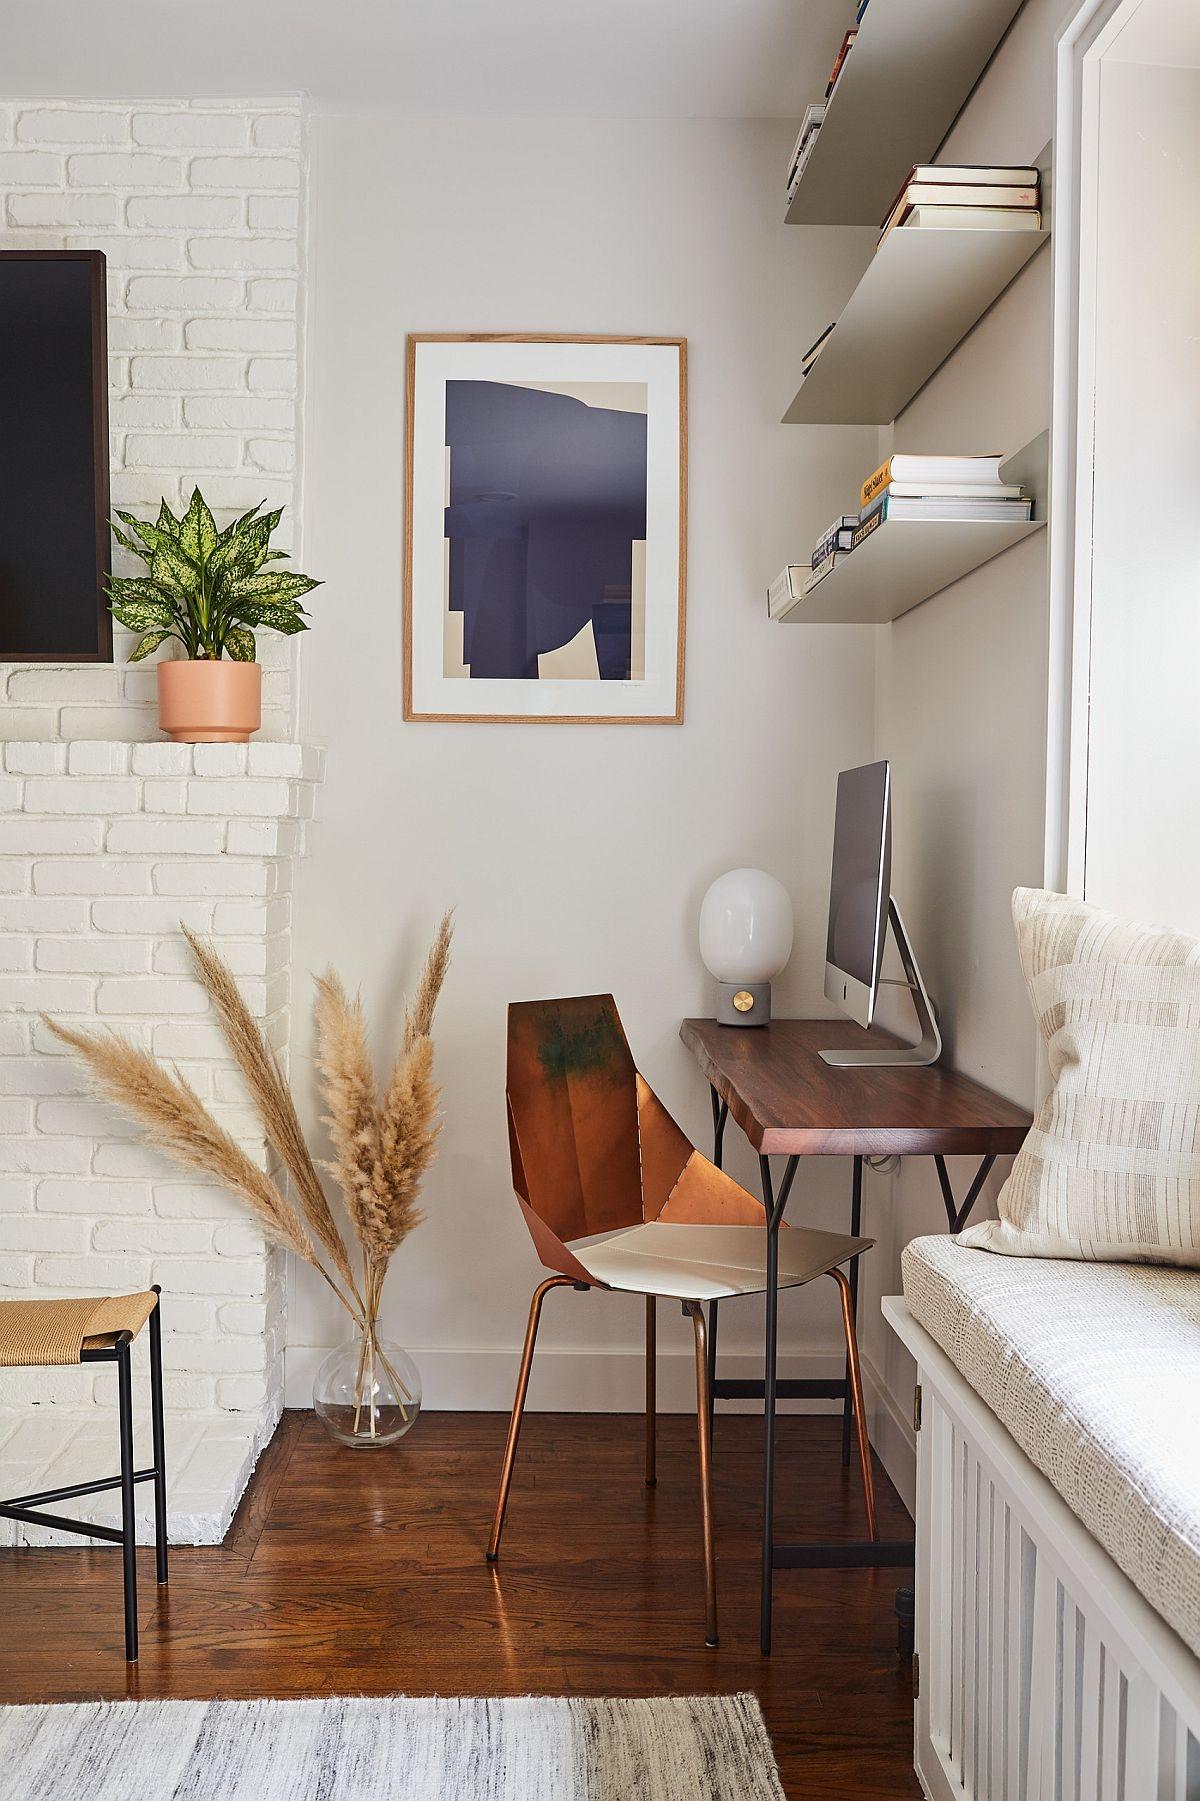 Một ý tưởng về không gian làm việc tại nhà phù hợp với những gia chủ thích sự nhỏ nhắn, ấm cúng.